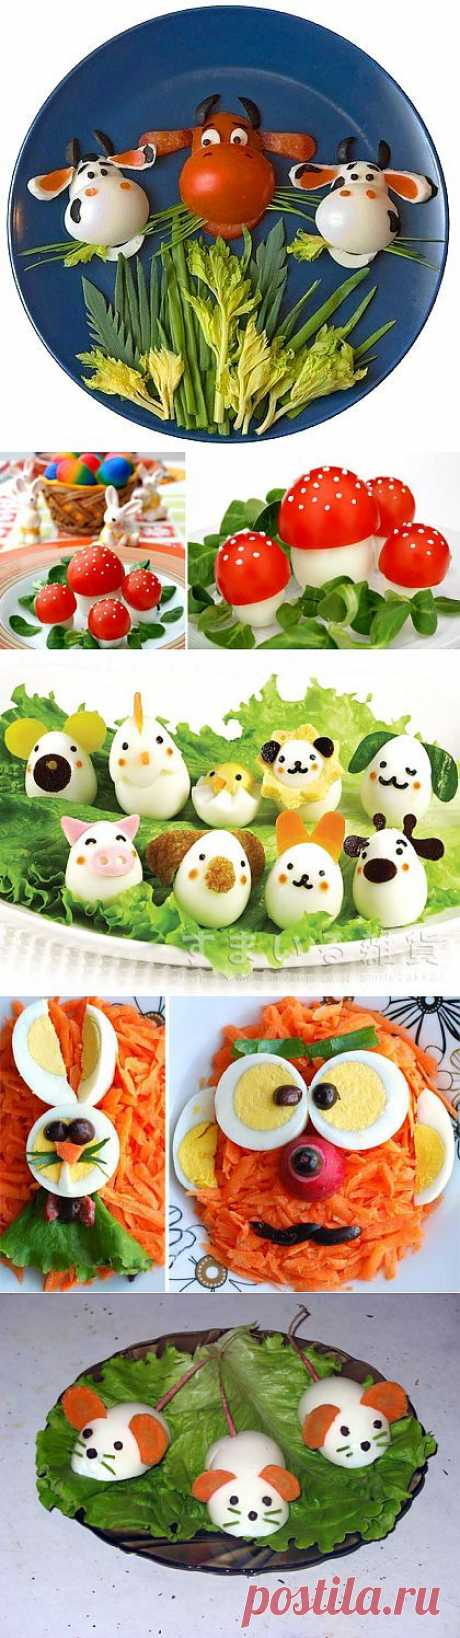 Интересные идеи,как украсить блюда с помощью яиц.